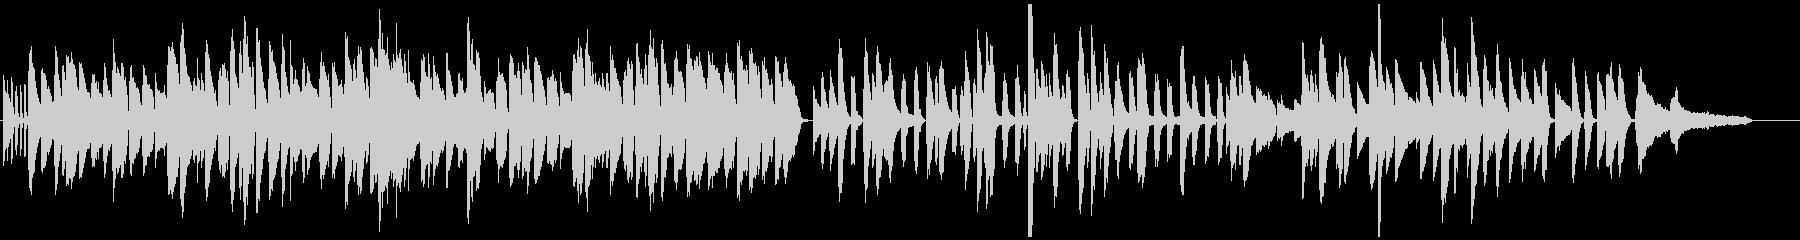 日常的な雰囲気の可愛らしいジャズ・ピアノの未再生の波形